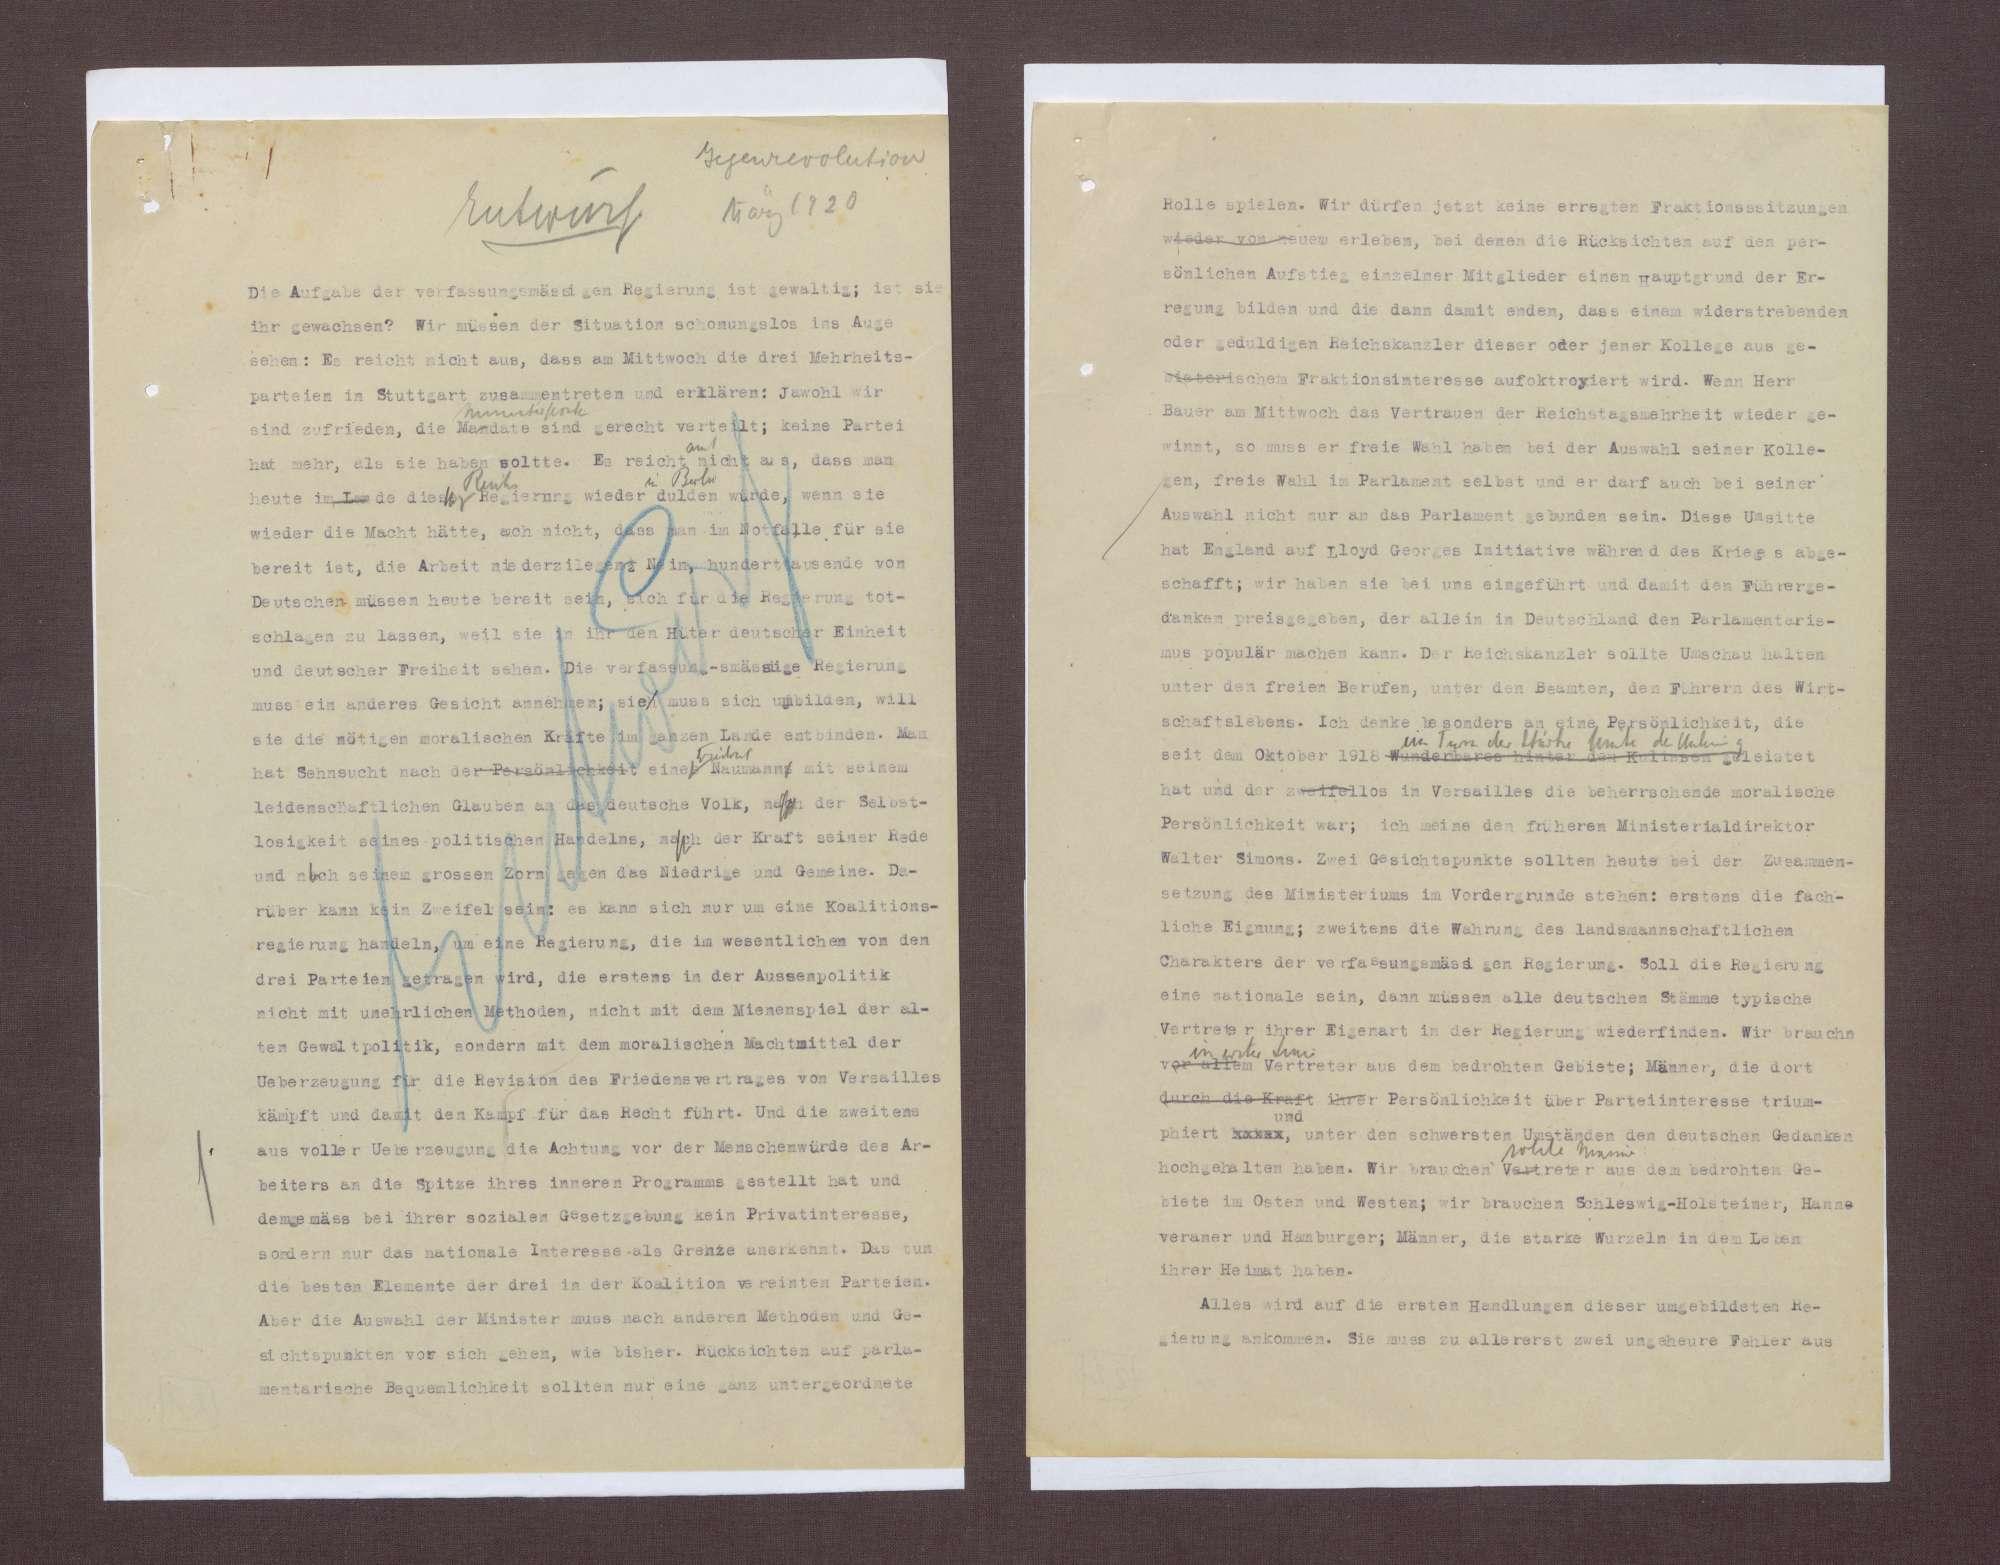 Entwürfe zur notwendigen Reaktion der Reichsreagierung auf den Kapp-Putsch, Bild 1